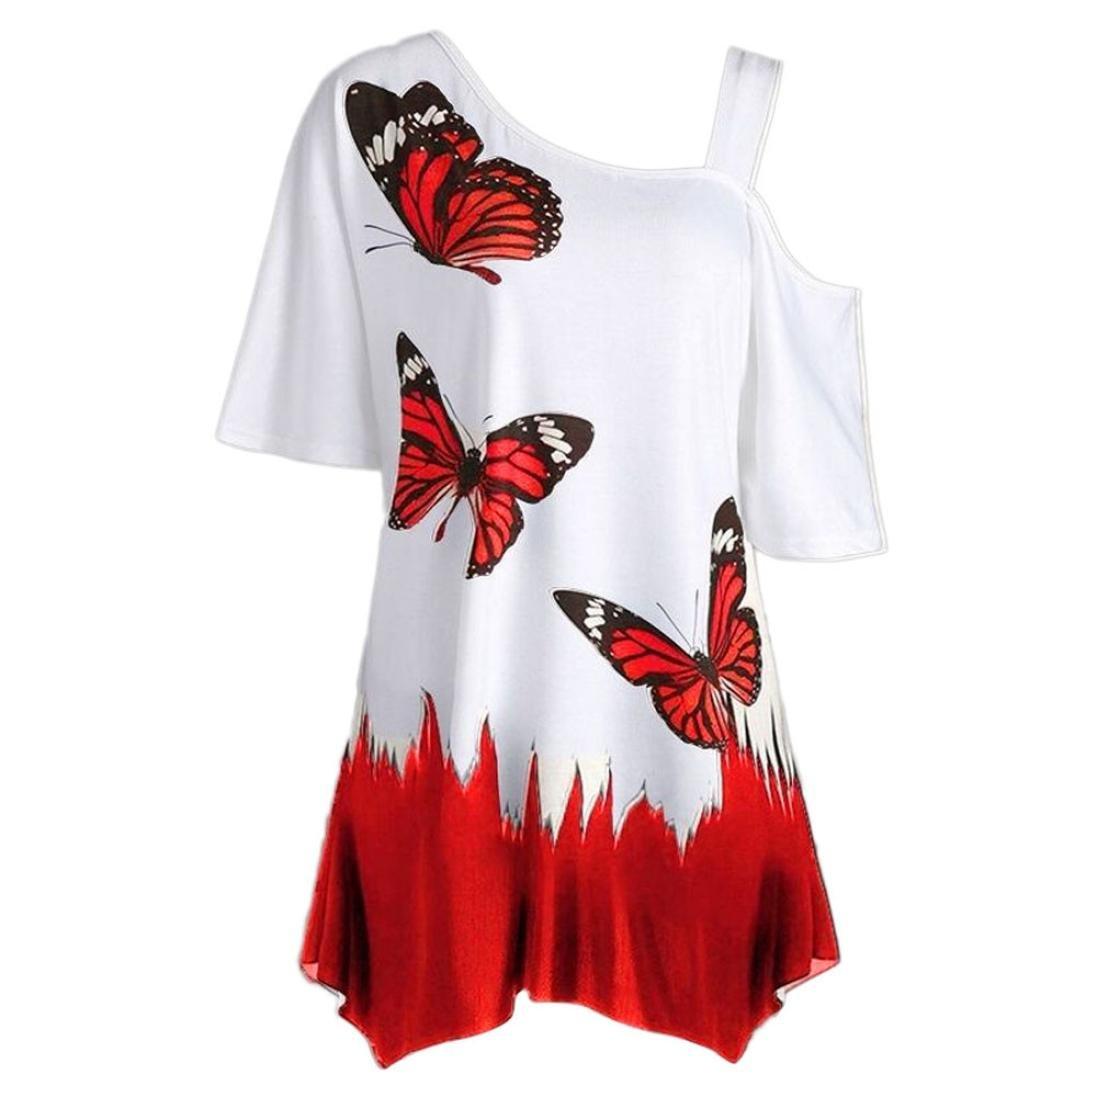 Verano Camisetas De Mujer 💝 Yesmile Tallas Grandes Mujeres Mariposa Camiseta de Impresión de Manga Corta Tops Casuales Blusa (Azul, 2XL): Amazon.es: ...